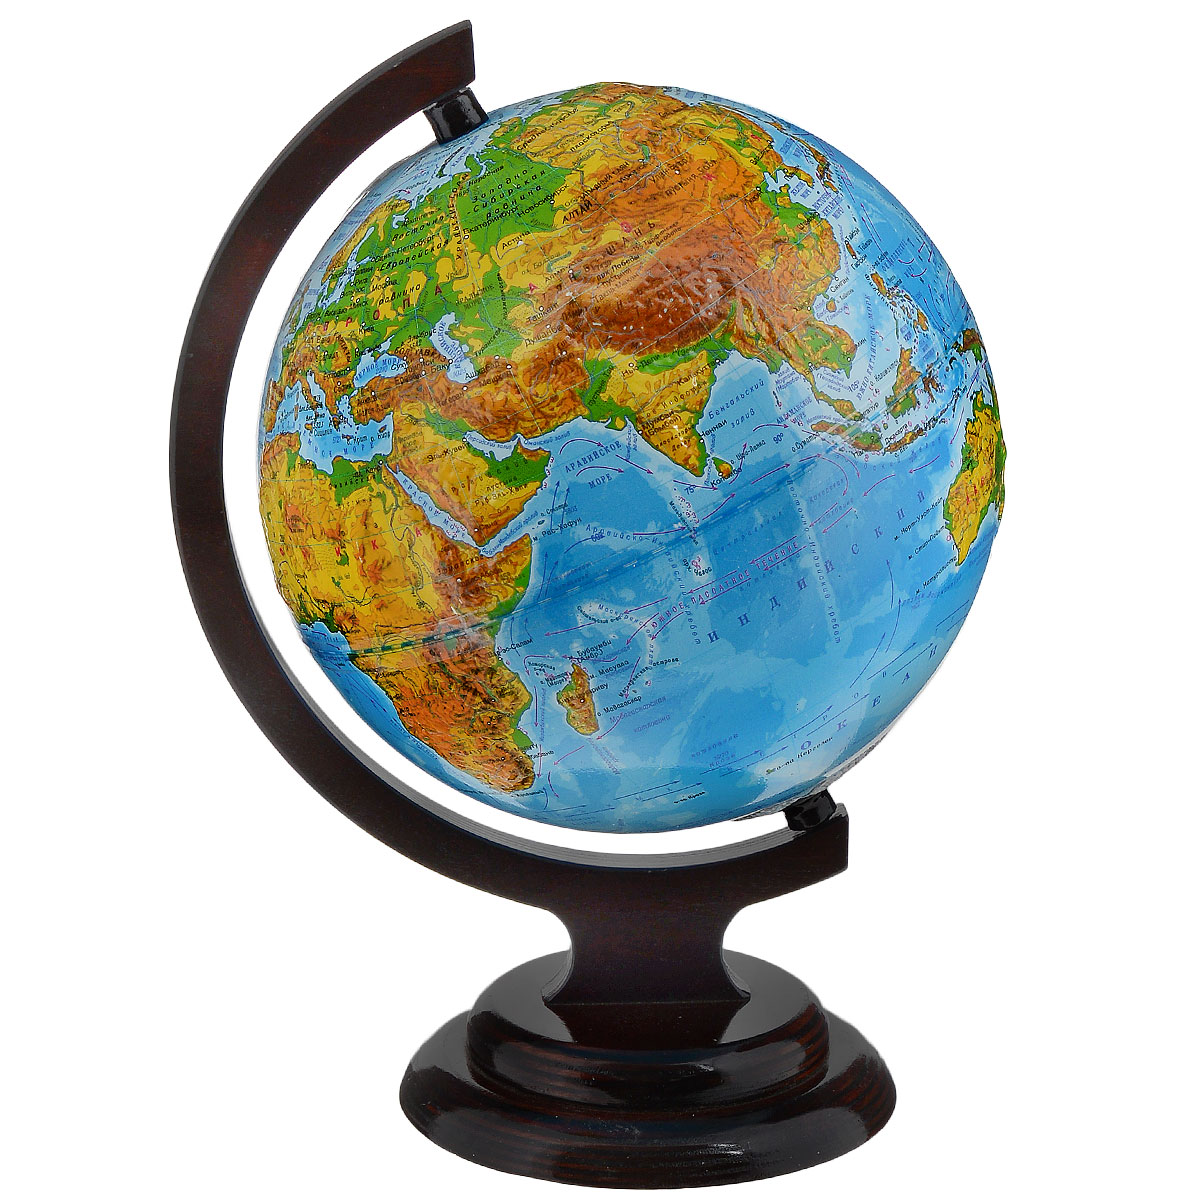 Глобусный мир Глобус с физической картой, рельефный, диаметр 21 см, на деревянной подставке глобусный мир глобус с физической картой рельефный диаметр 25 см на деревянной подставке